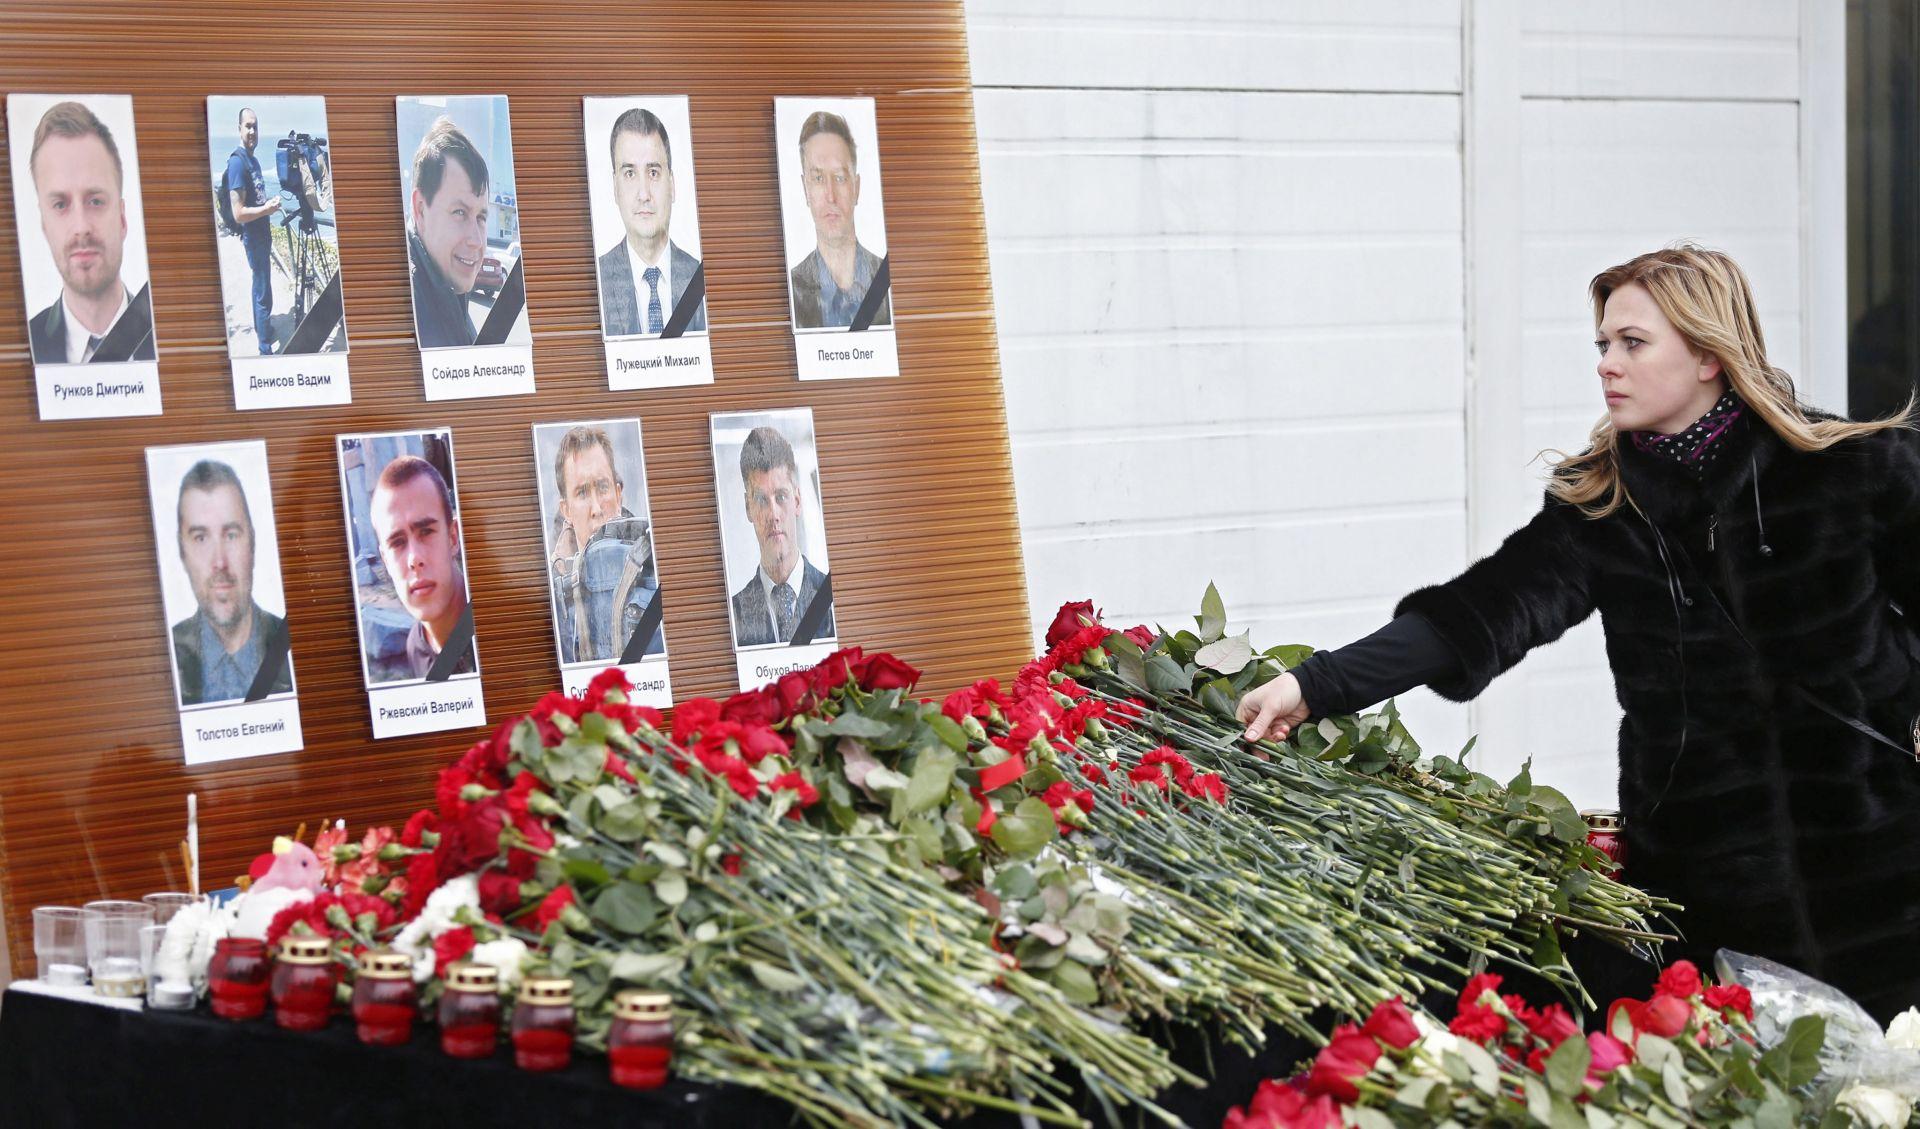 Predsjednica uputila sućut Putinu povodom zrakoplovne nesreće